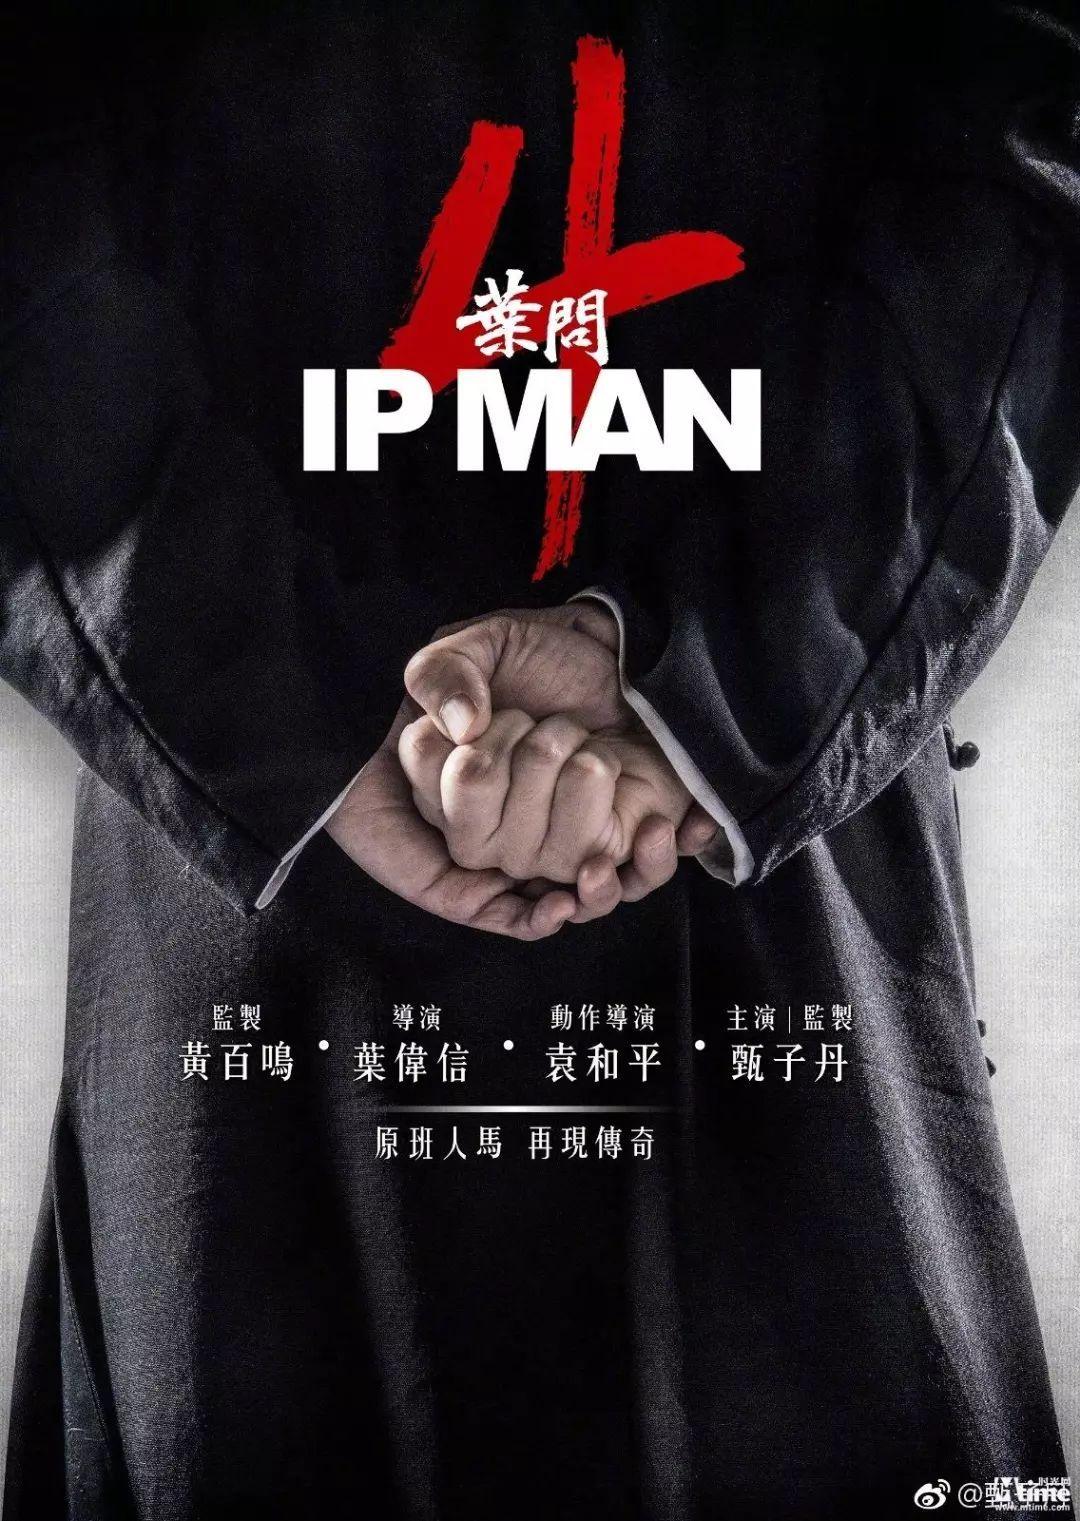 《叶问》系列片,成为了甄子丹最卖座的招牌电影.图片